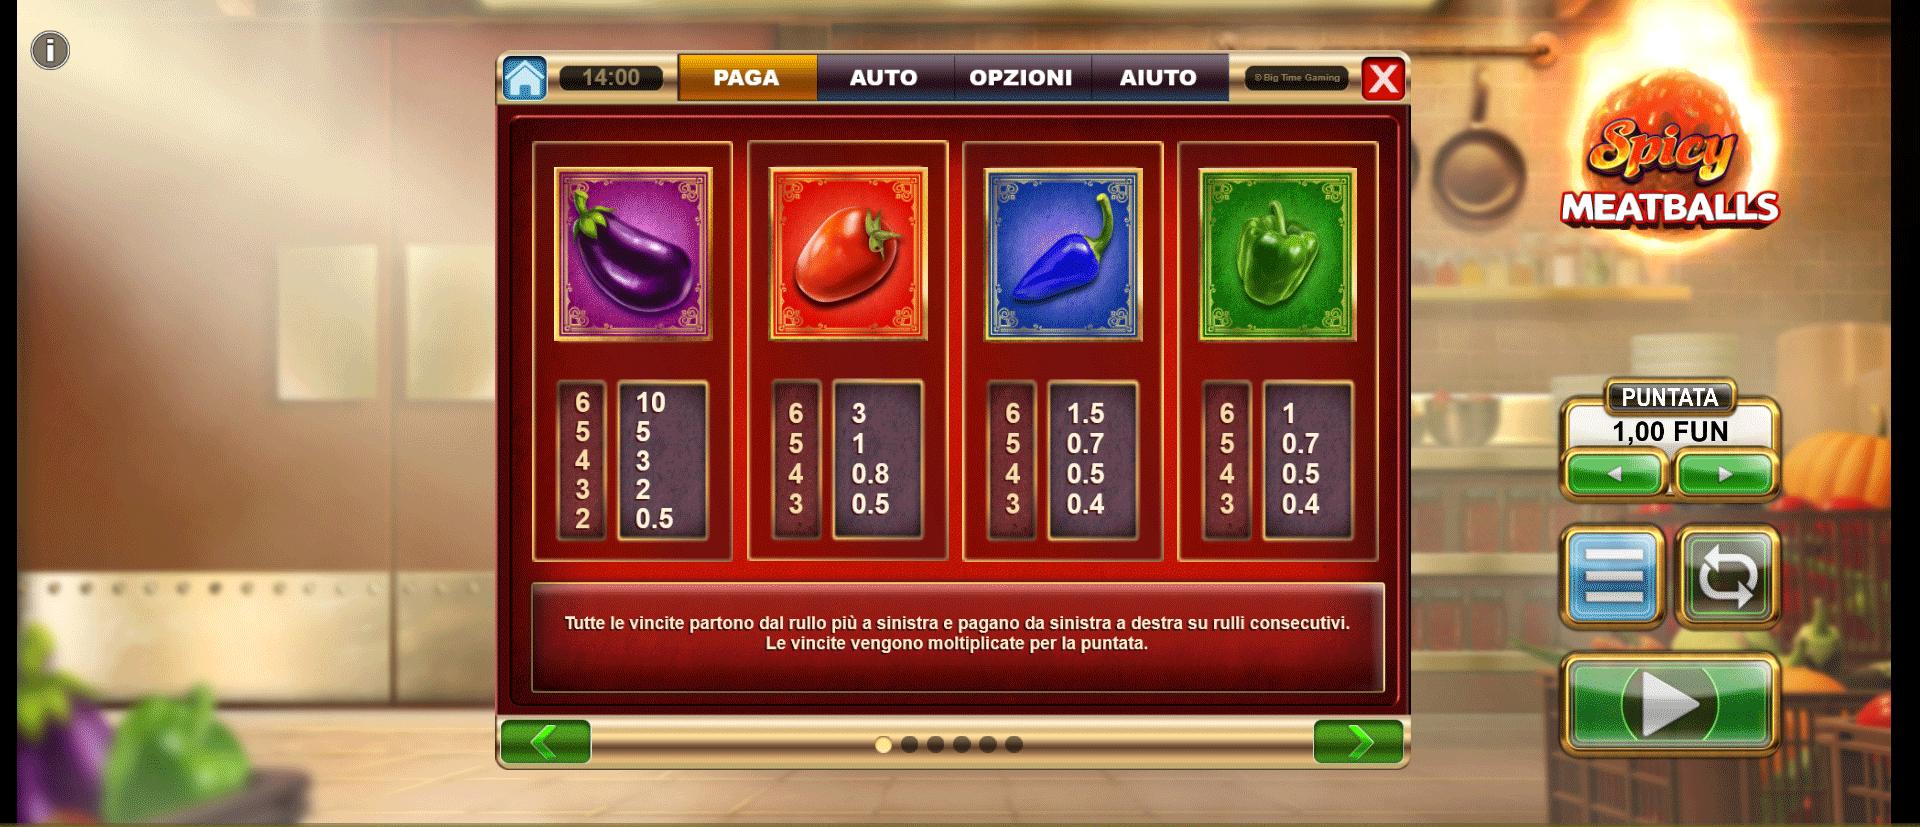 paytable della slot online spicy meatballs